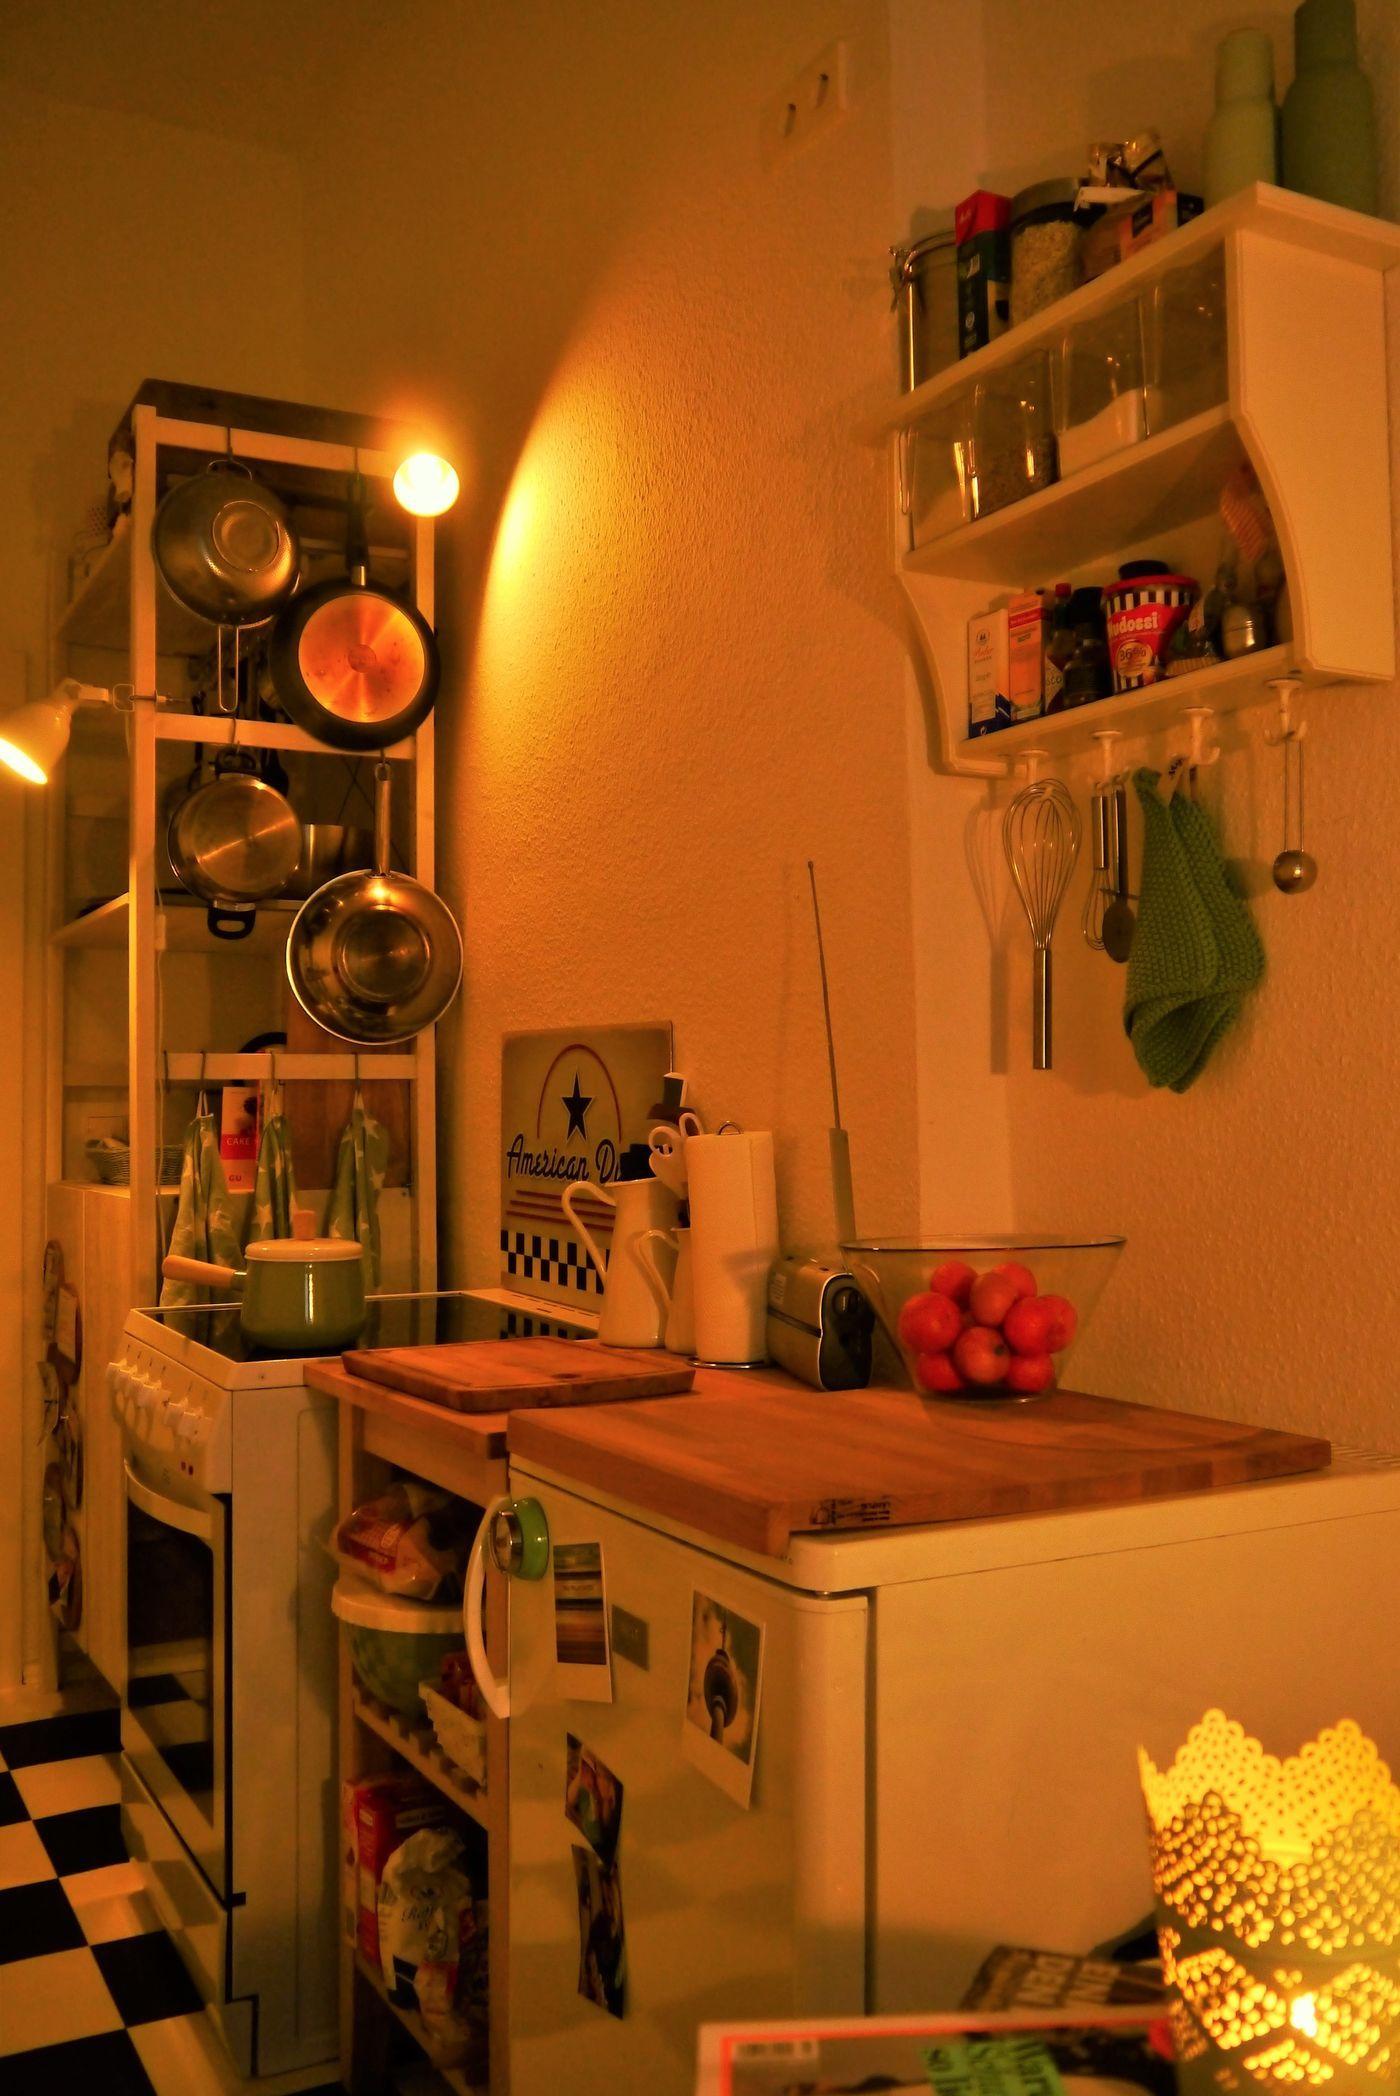 Full Size of Ikea Värde Miniküche Schnsten Ideen Mit Dem Ivar System Seite 12 Küche Kosten Kaufen Sofa Schlaffunktion Kühlschrank Stengel Betten Bei 160x200 Modulküche Wohnzimmer Ikea Värde Miniküche